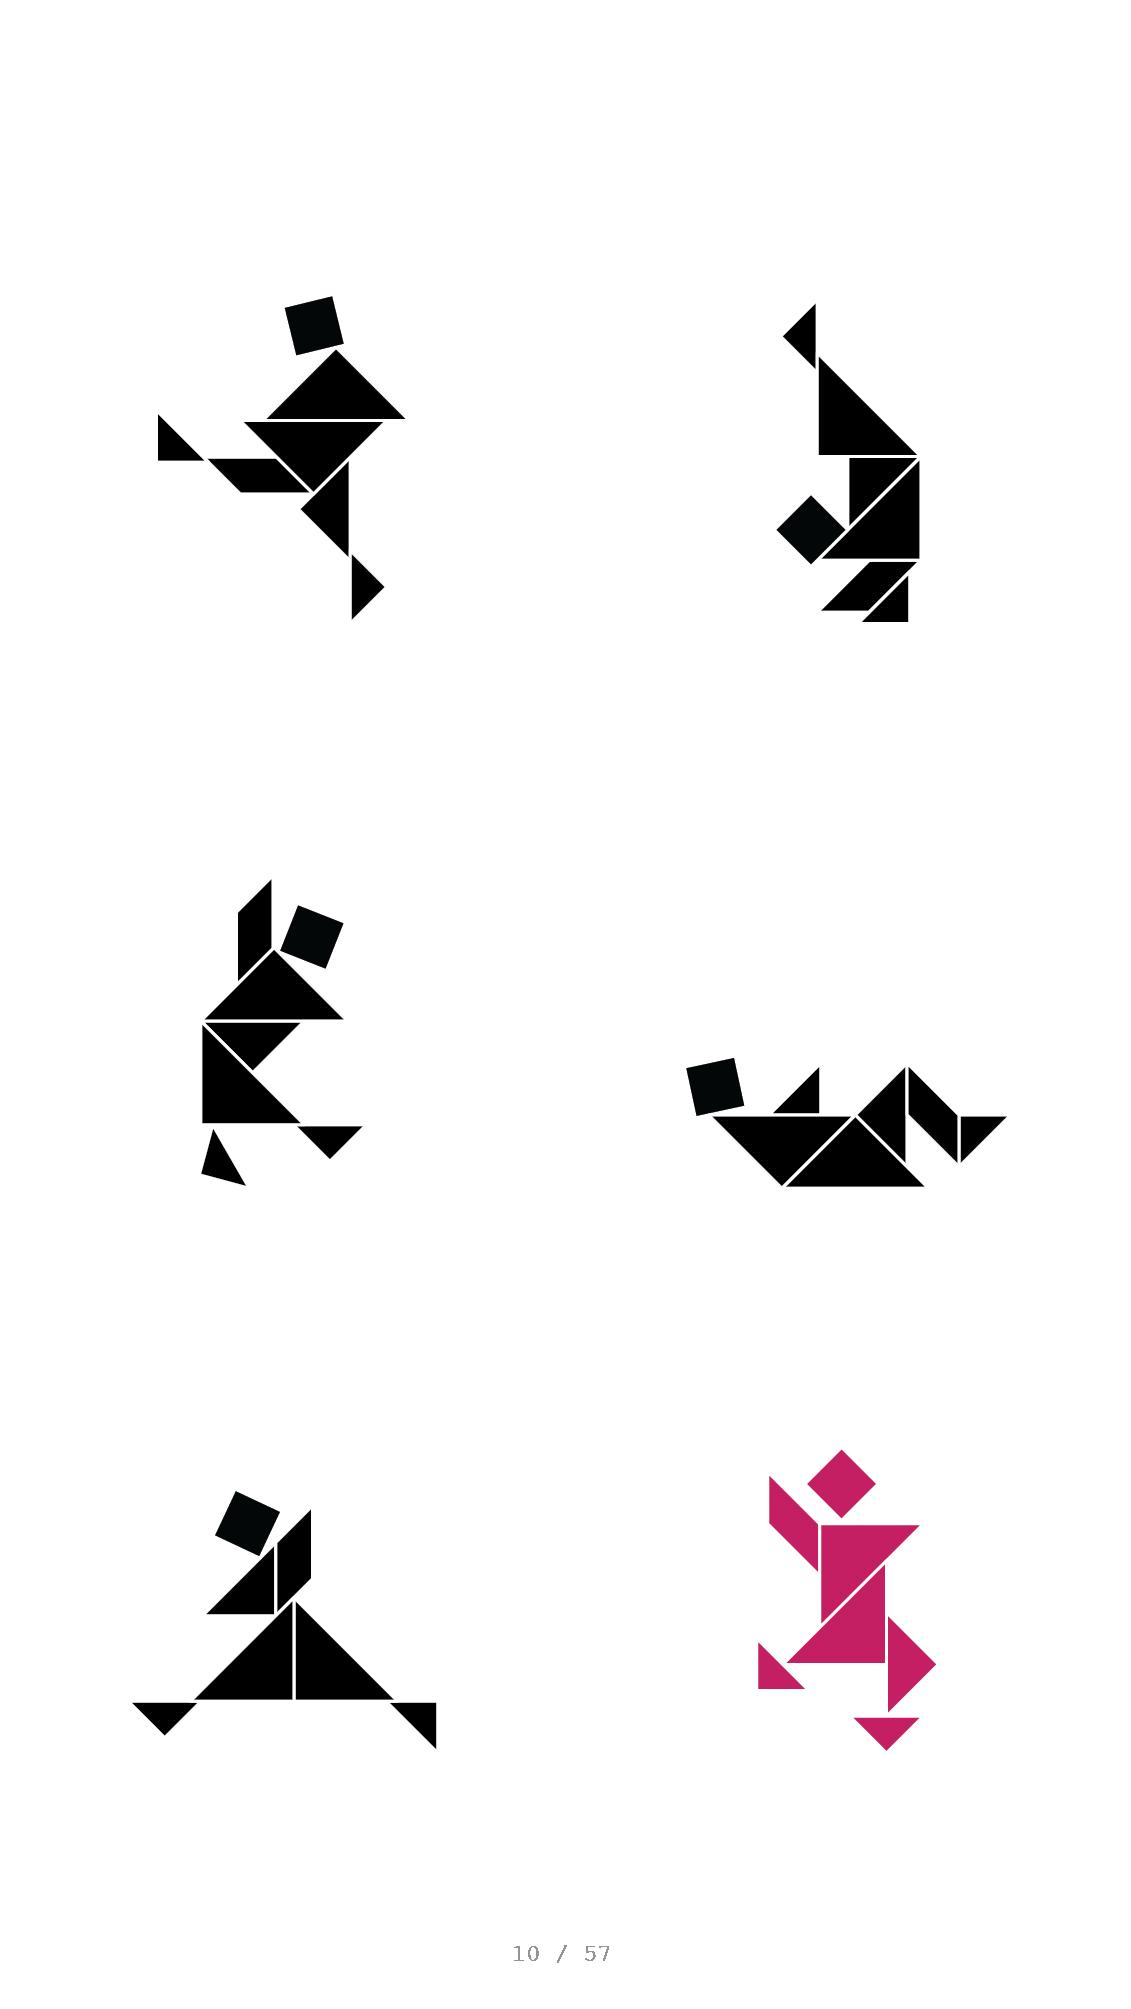 Tangram_Layout_2x3_schwarz-10